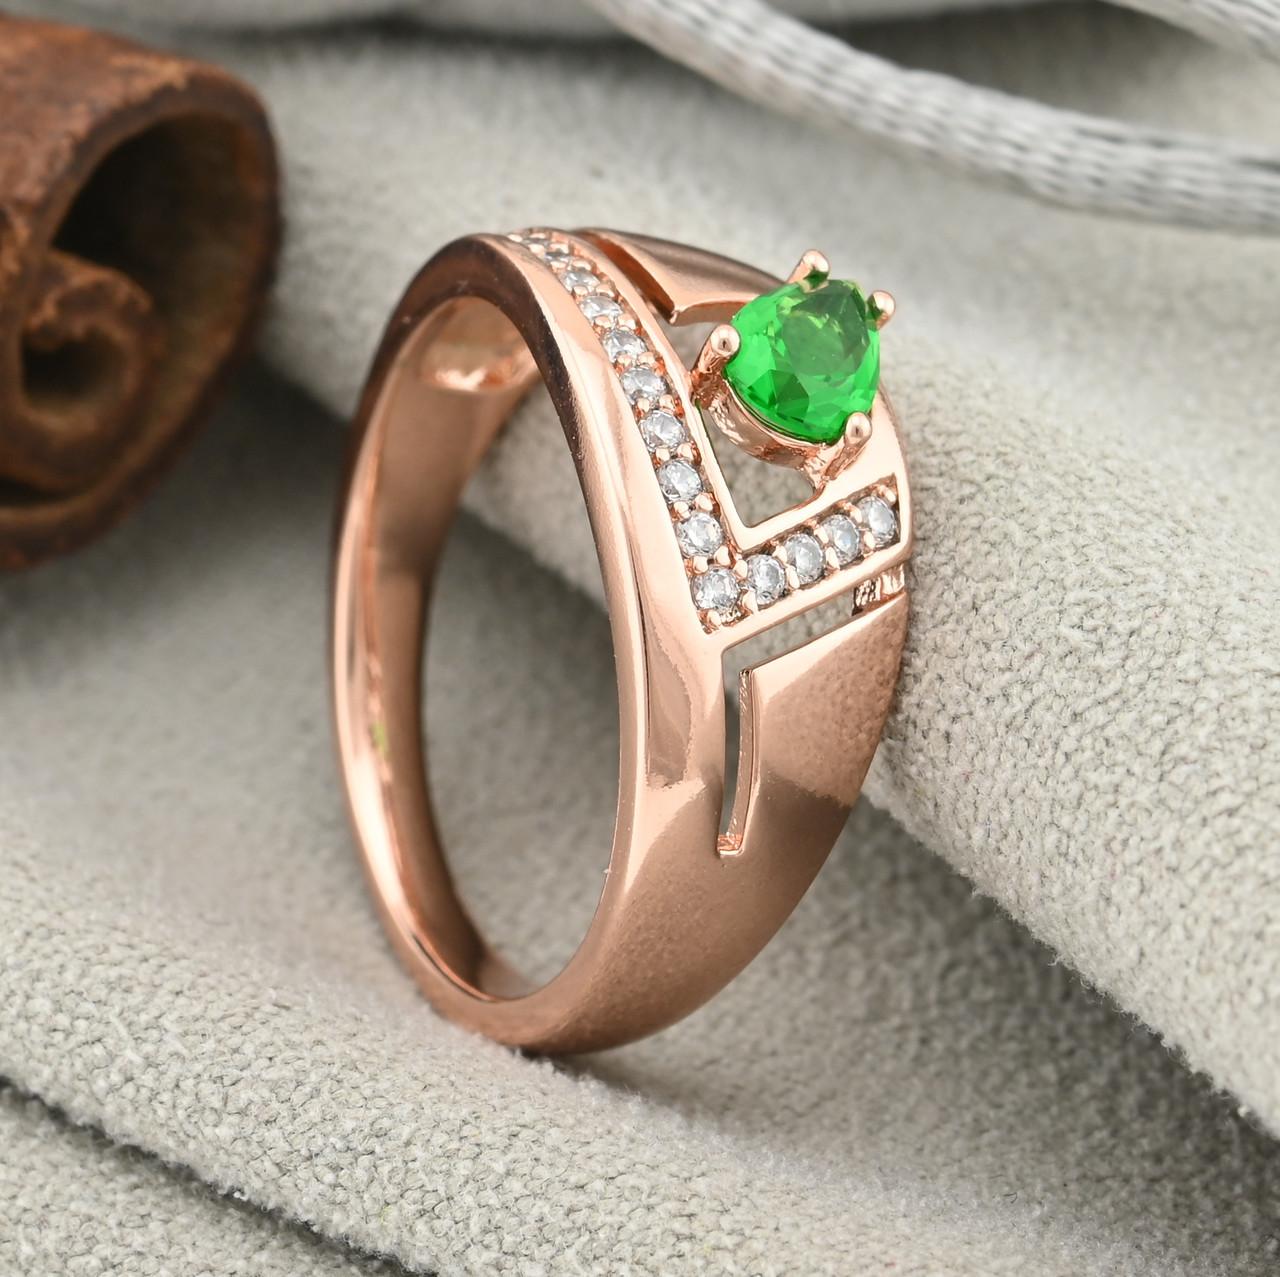 Кольцо Xuping 15114 размер 19 ширина 9 мм вес 2.6 г зеленые фианиты позолота РО